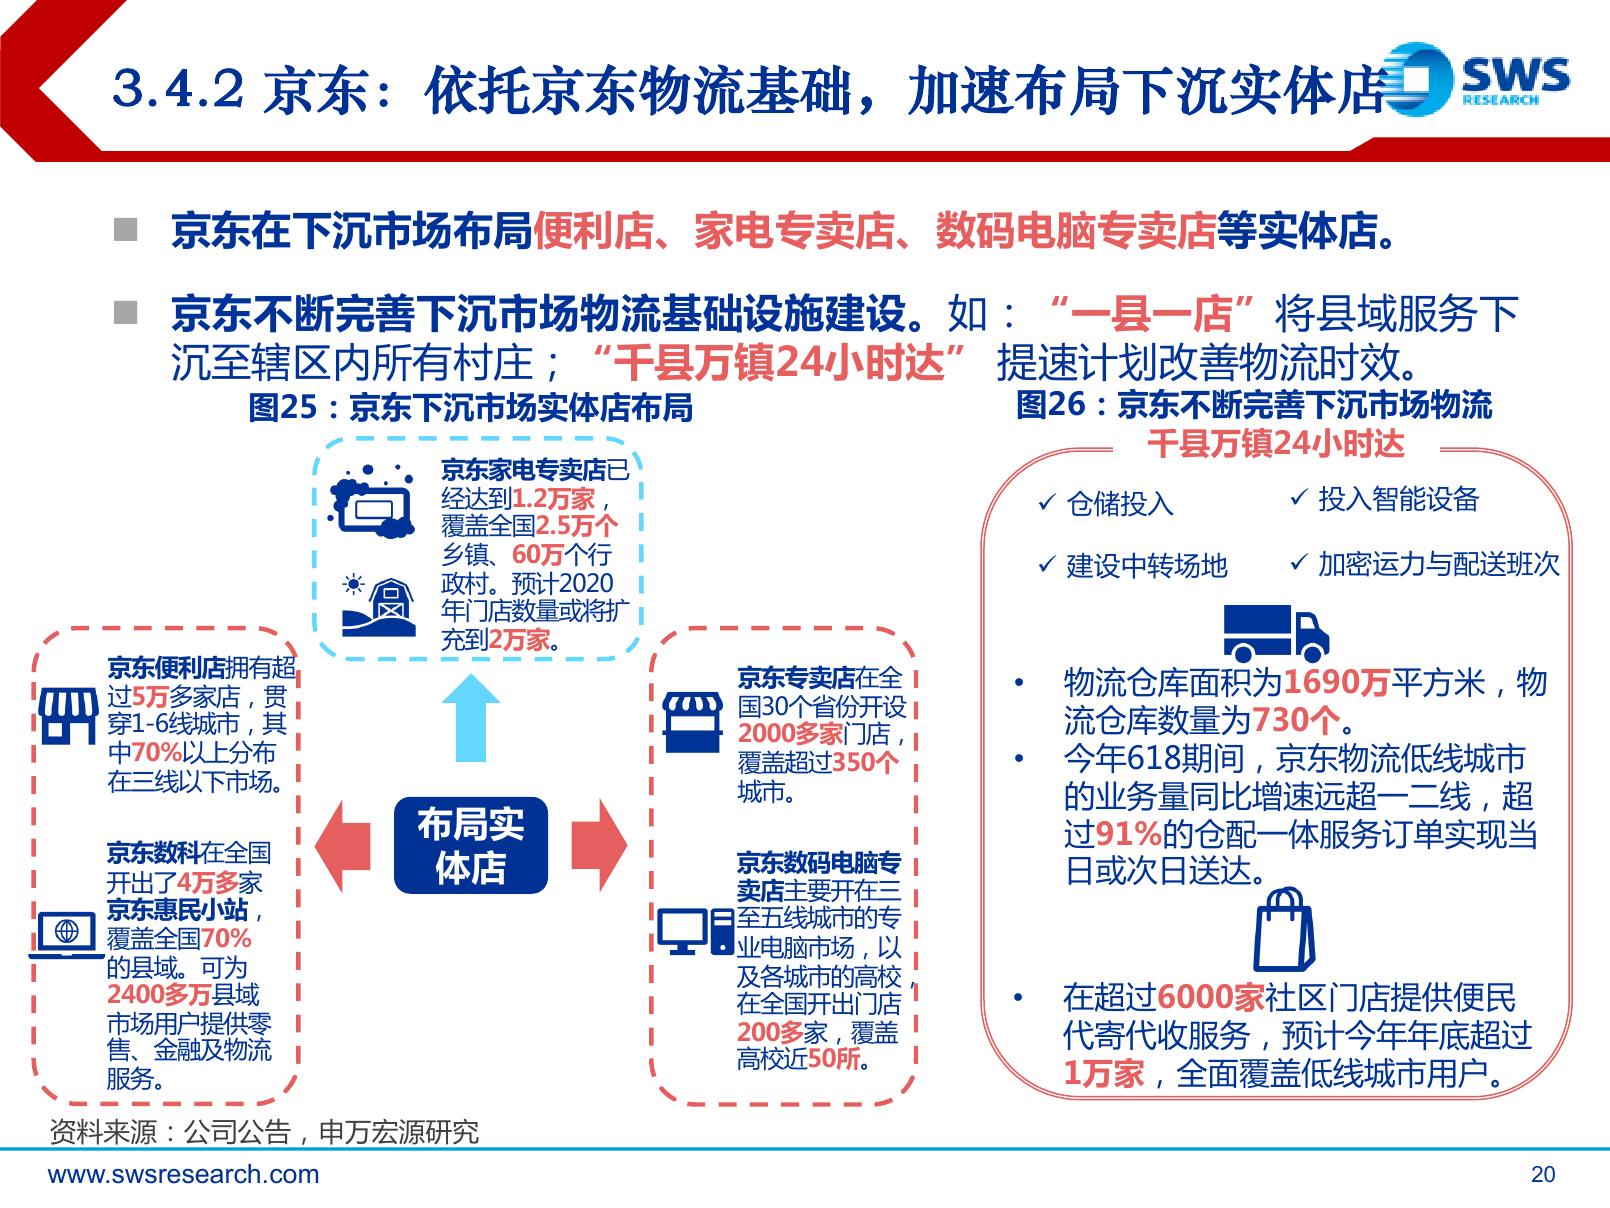 申万宏源:下沉市场,电商巨头新战场(可下载报告)插图(39)